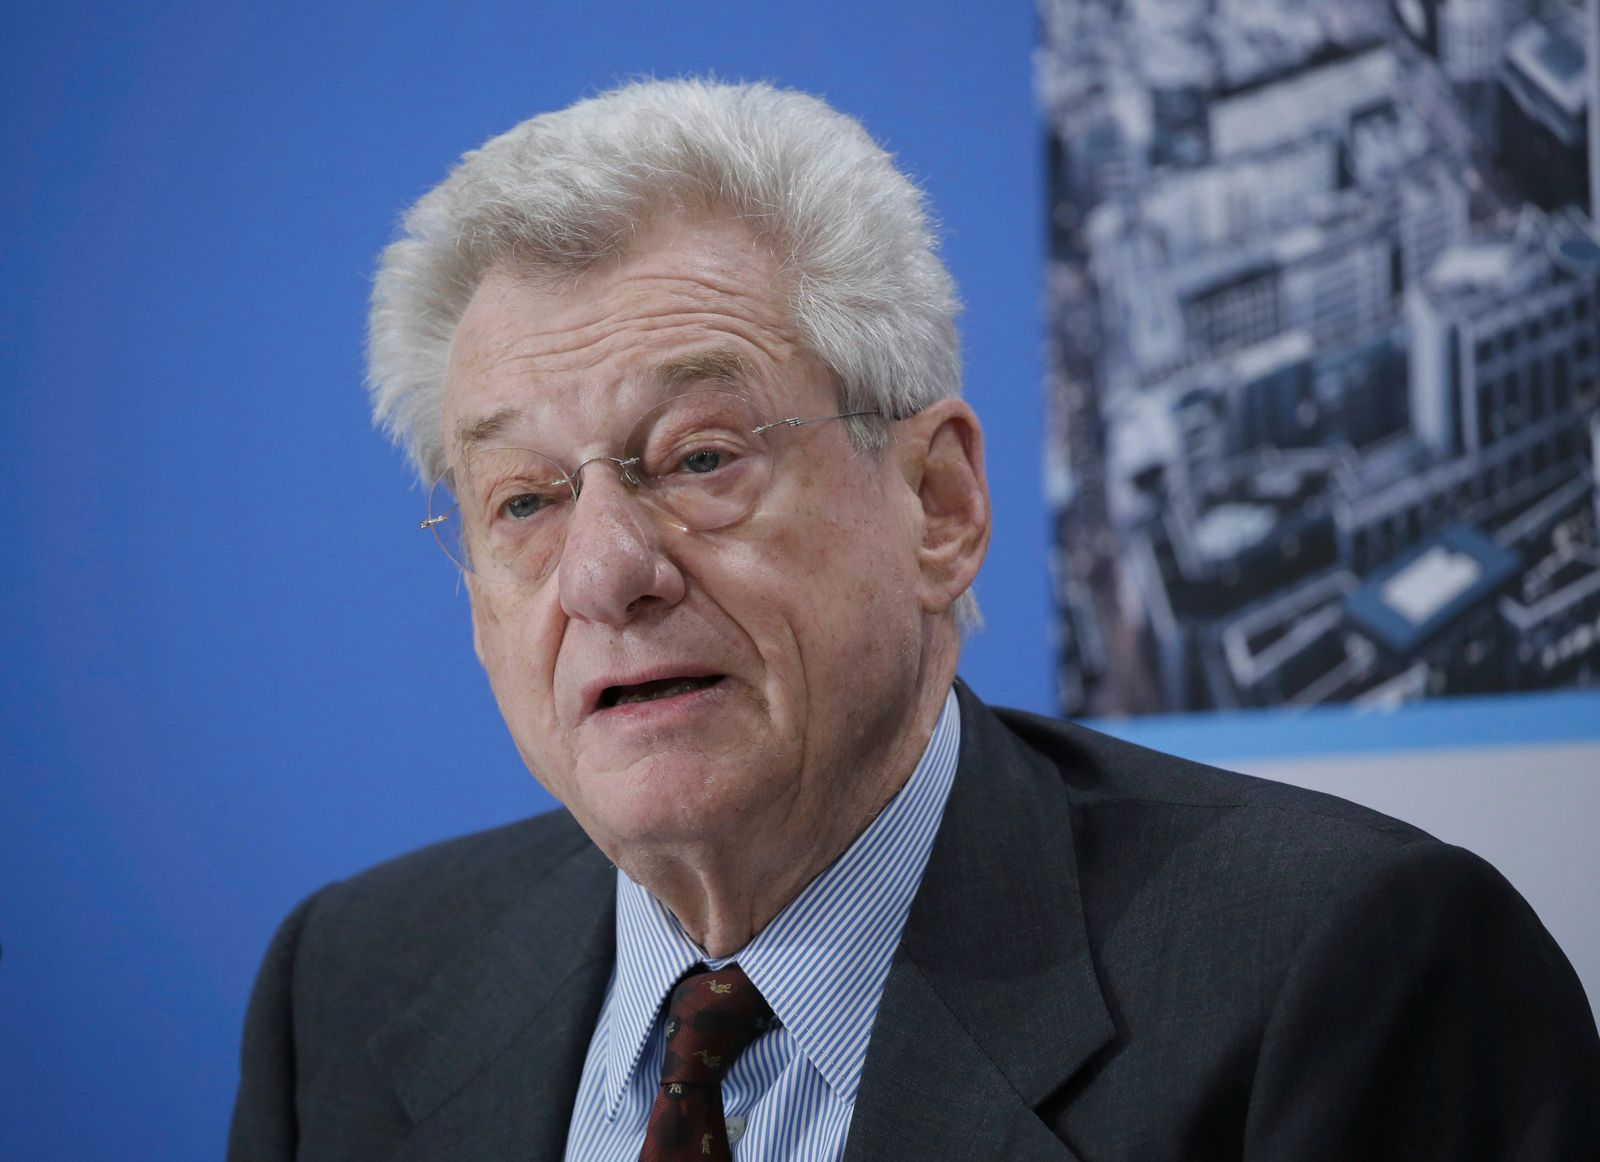 Heinrich Weiss Eigentümer des weltgrößten Stahlwerkbauers SMS Group Deutschland Berlin Presseko